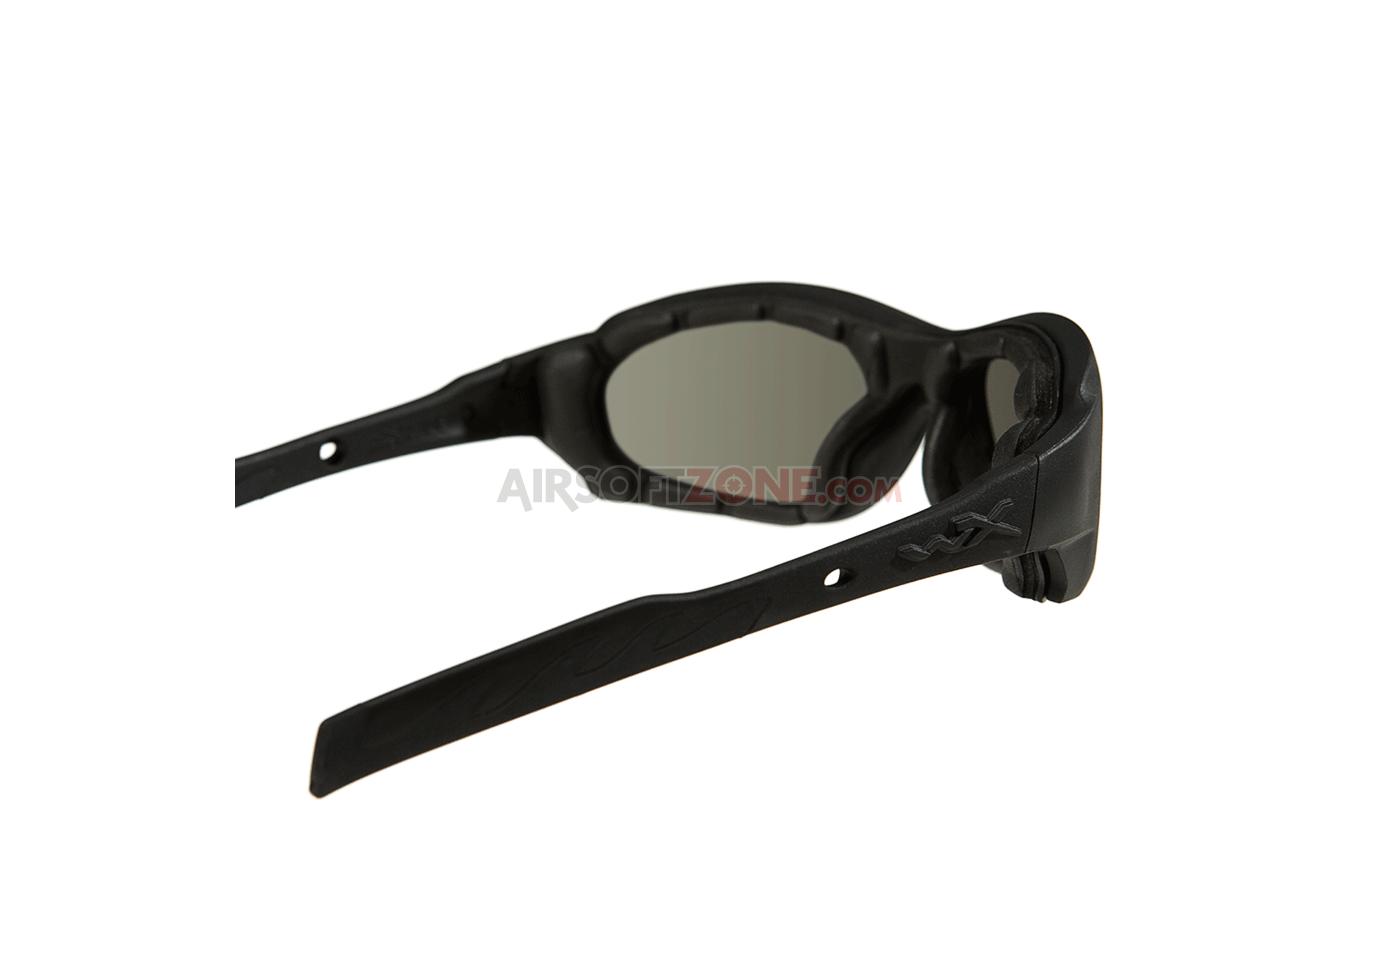 03f8d35f7 XL-1 Advanced Goggles Black (Wiley X) - Goggles - Schutzbrillen -  Schutzausrüstung - airsoftzone.com Onlineshop